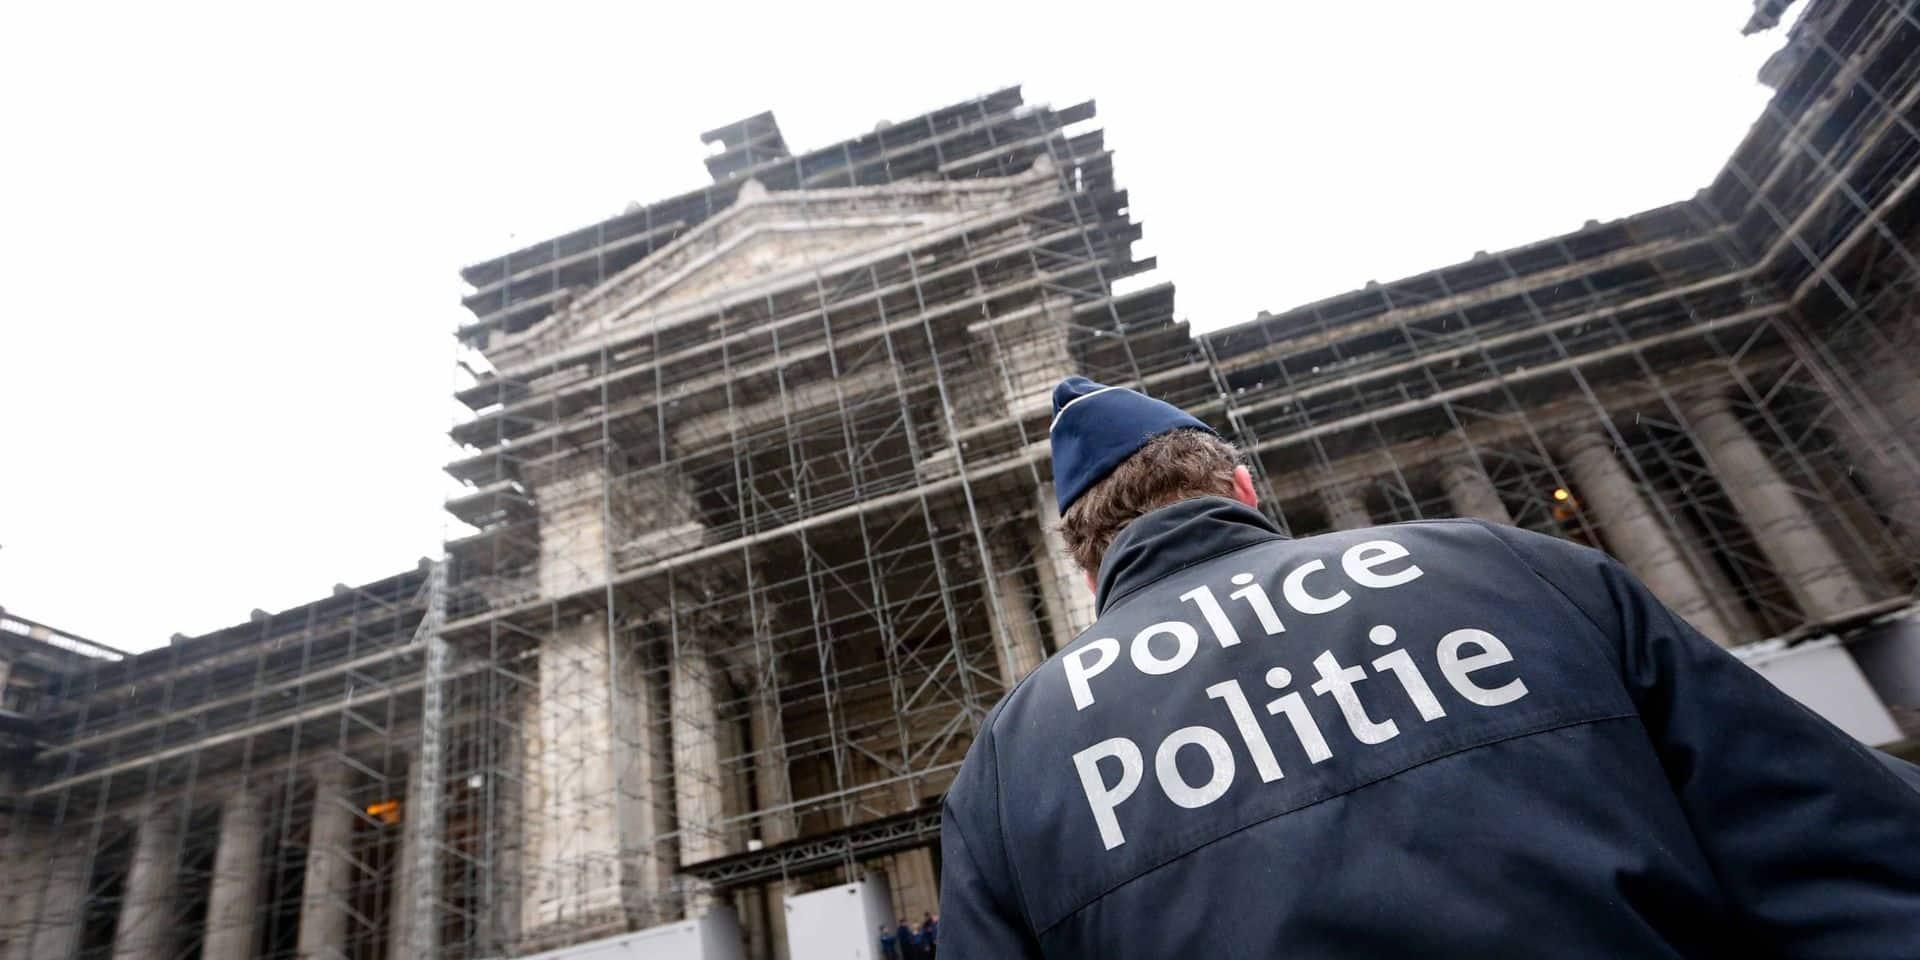 Jugement clément du tribunal pour une famille djihadiste